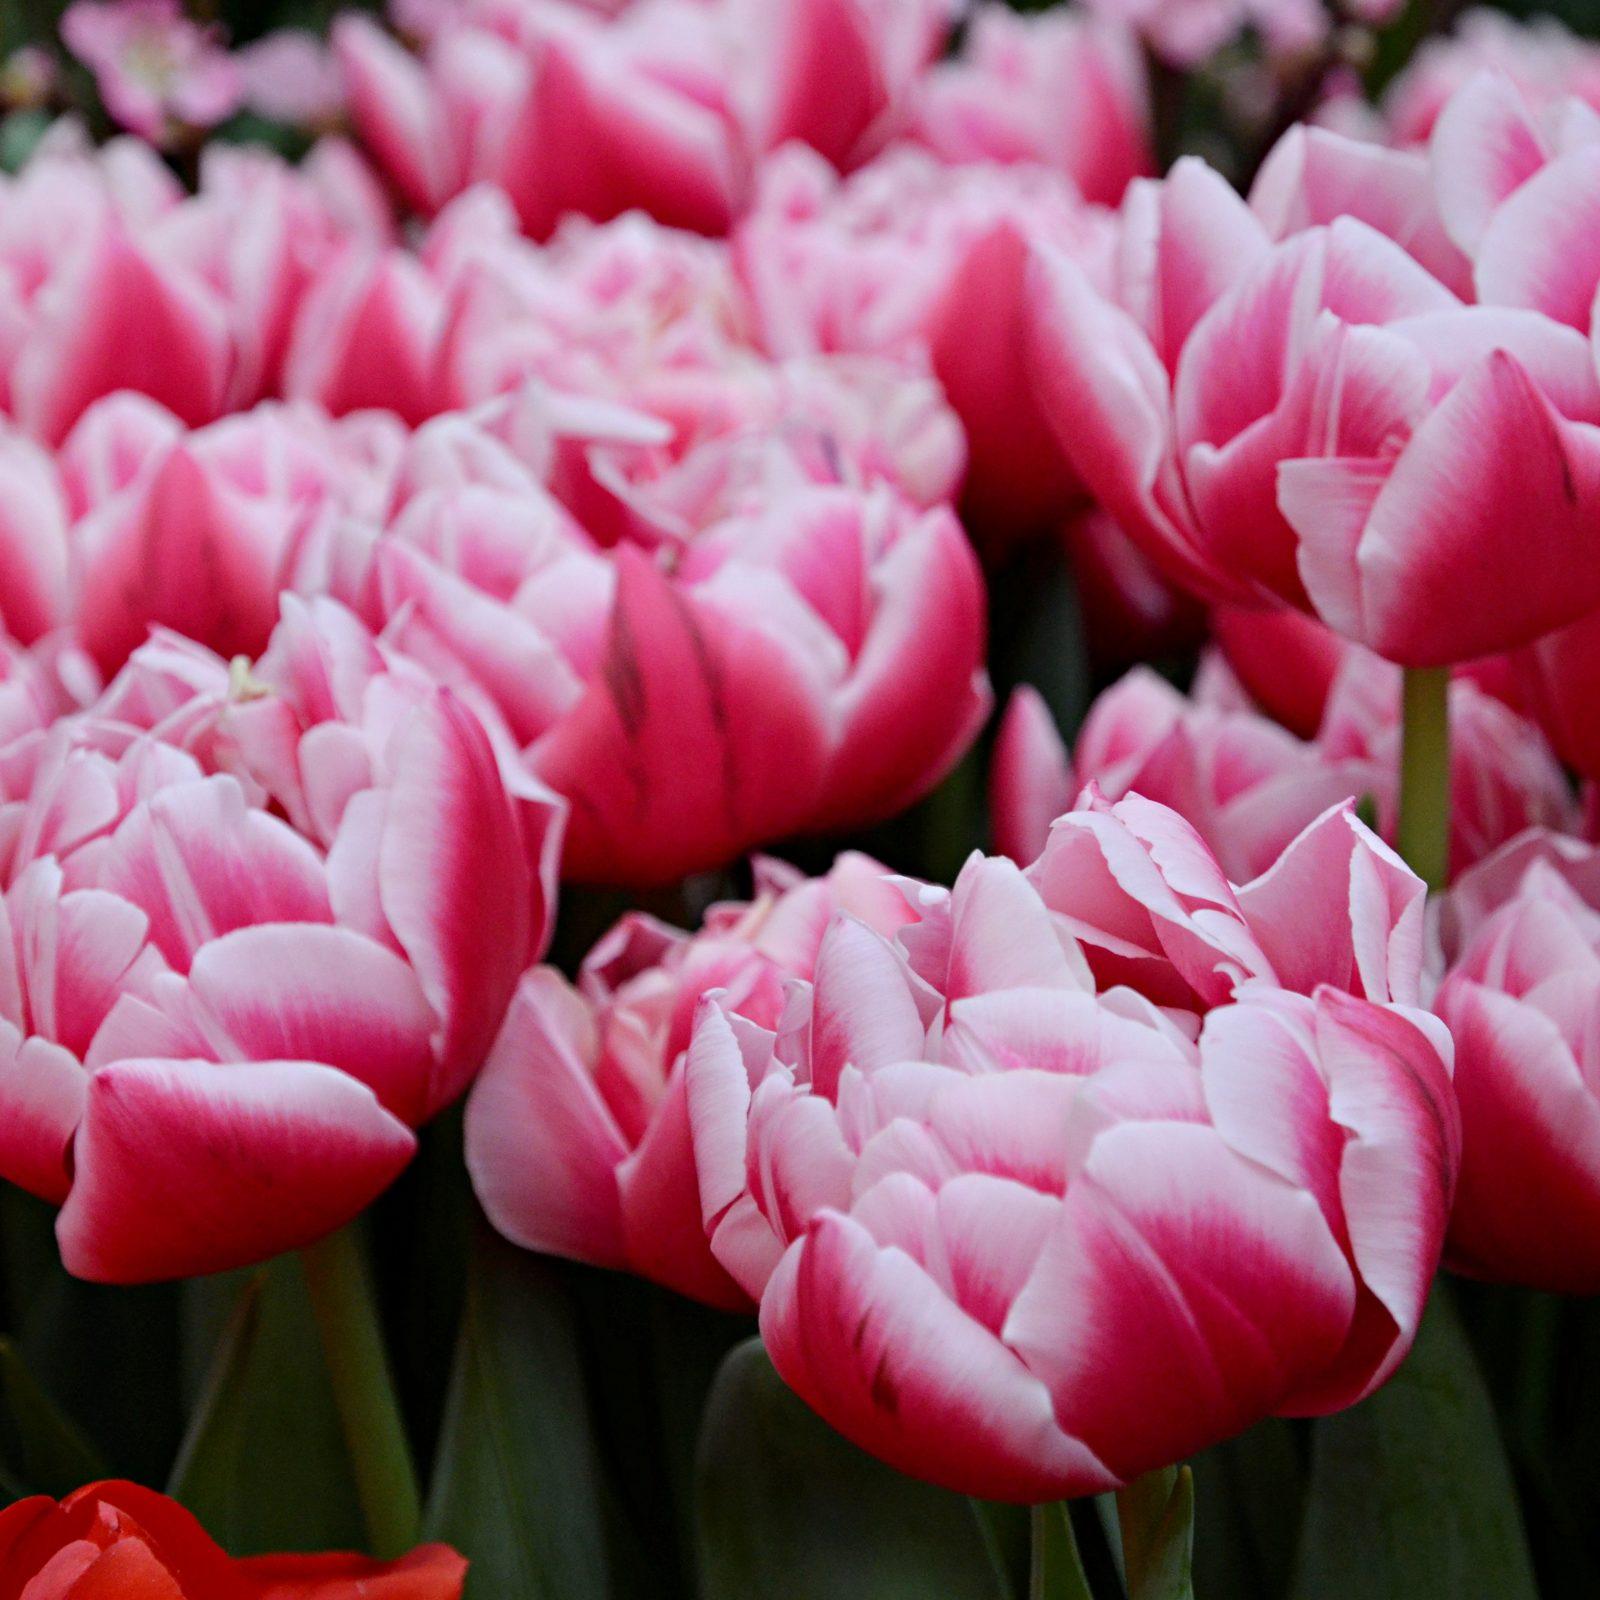 У тюльпанов множество оттенков. А в некоторых бутонах можно даже увидеть градиент. Фото: Анна Быкова